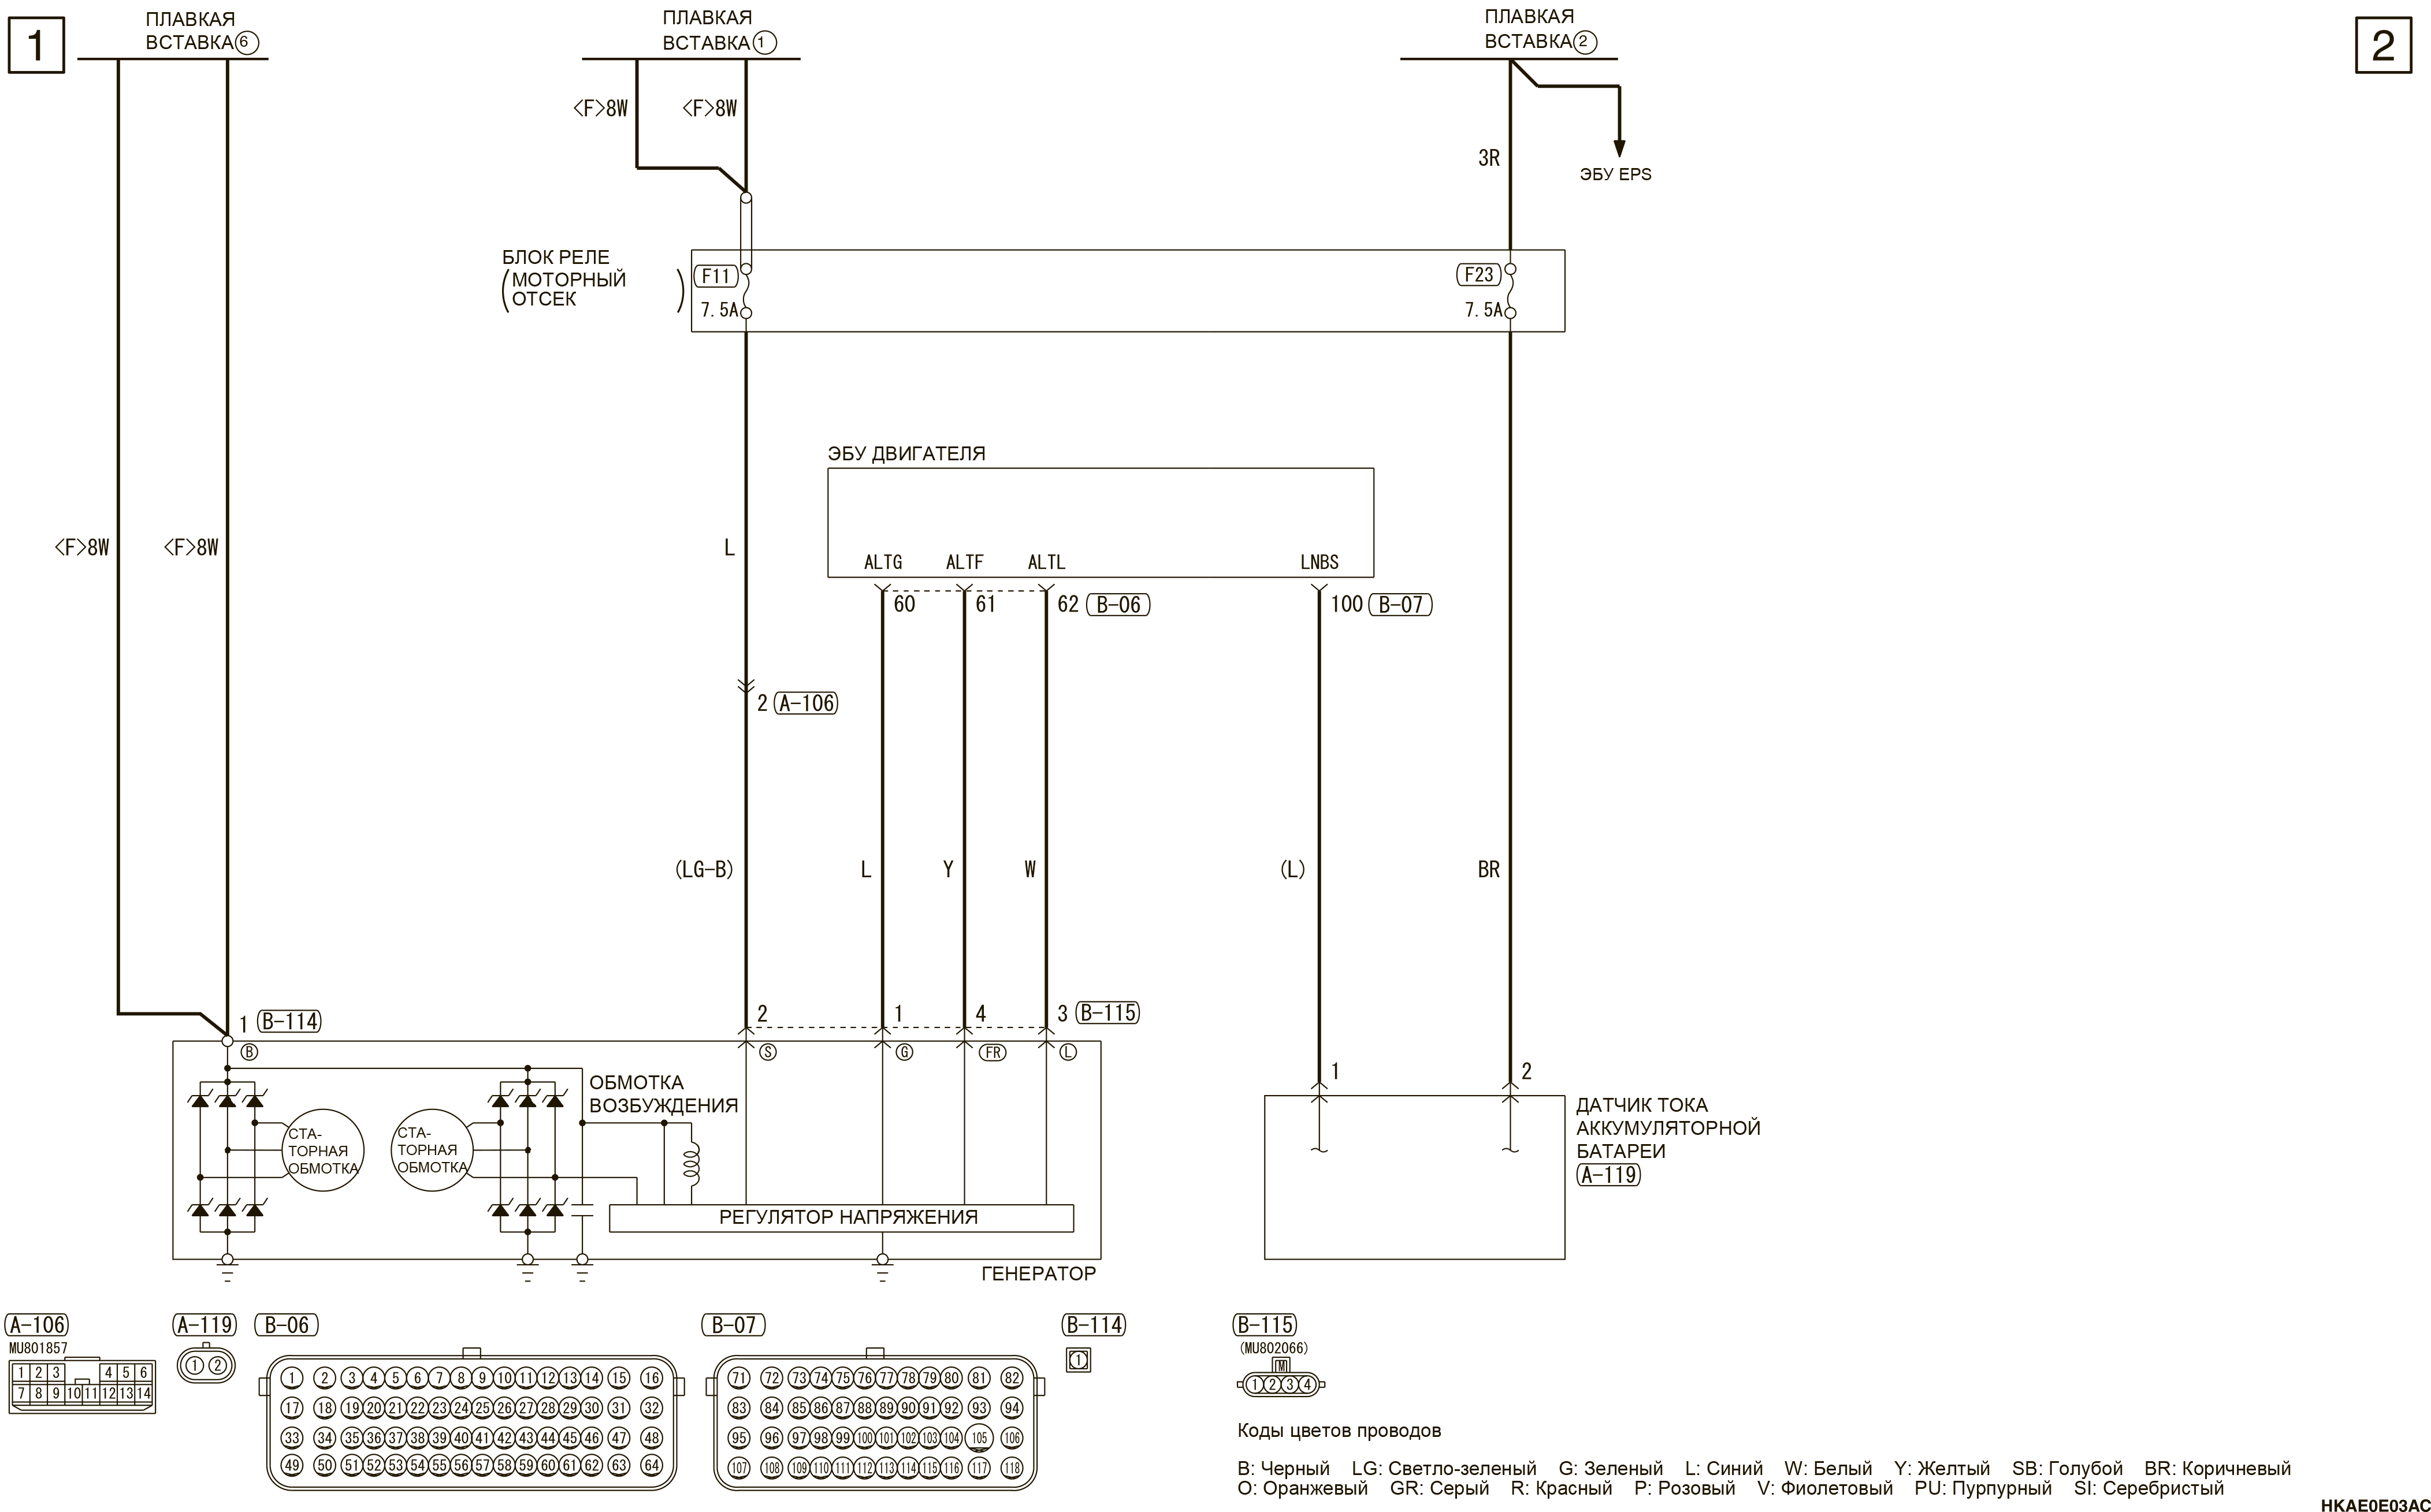 mmc аутлендер 3 2019 электросхемаСИСТЕМА ЭЛЕКТРОСНАБЖЕНИЯ 4J1 (ПРАВАЯ)